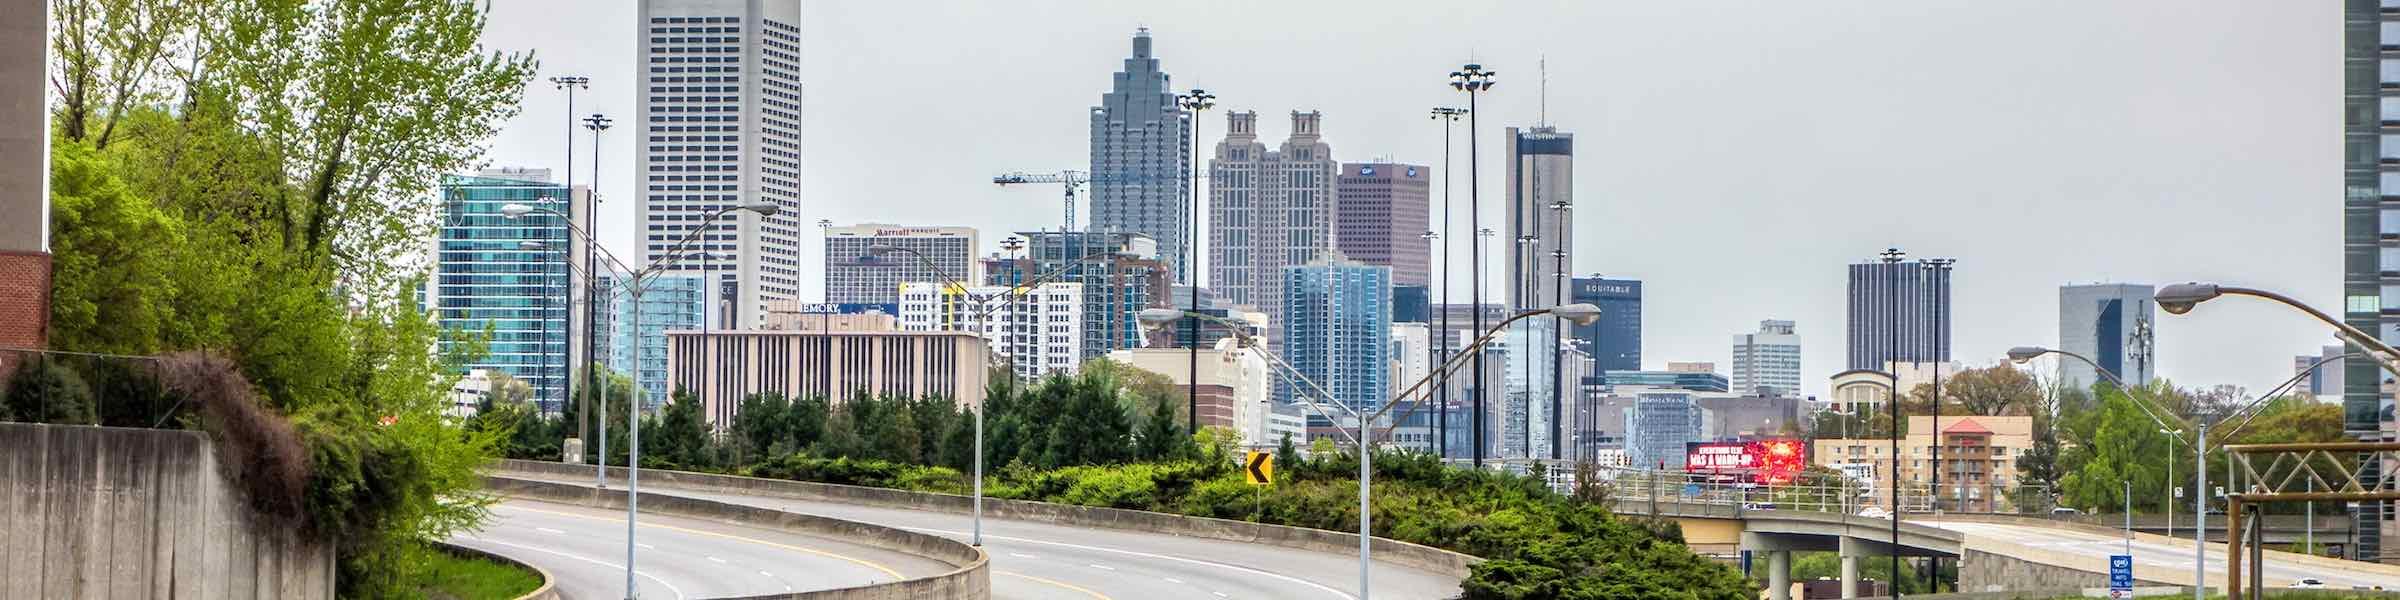 Atlanta To Savannah By Shuttle Bus Car Air More